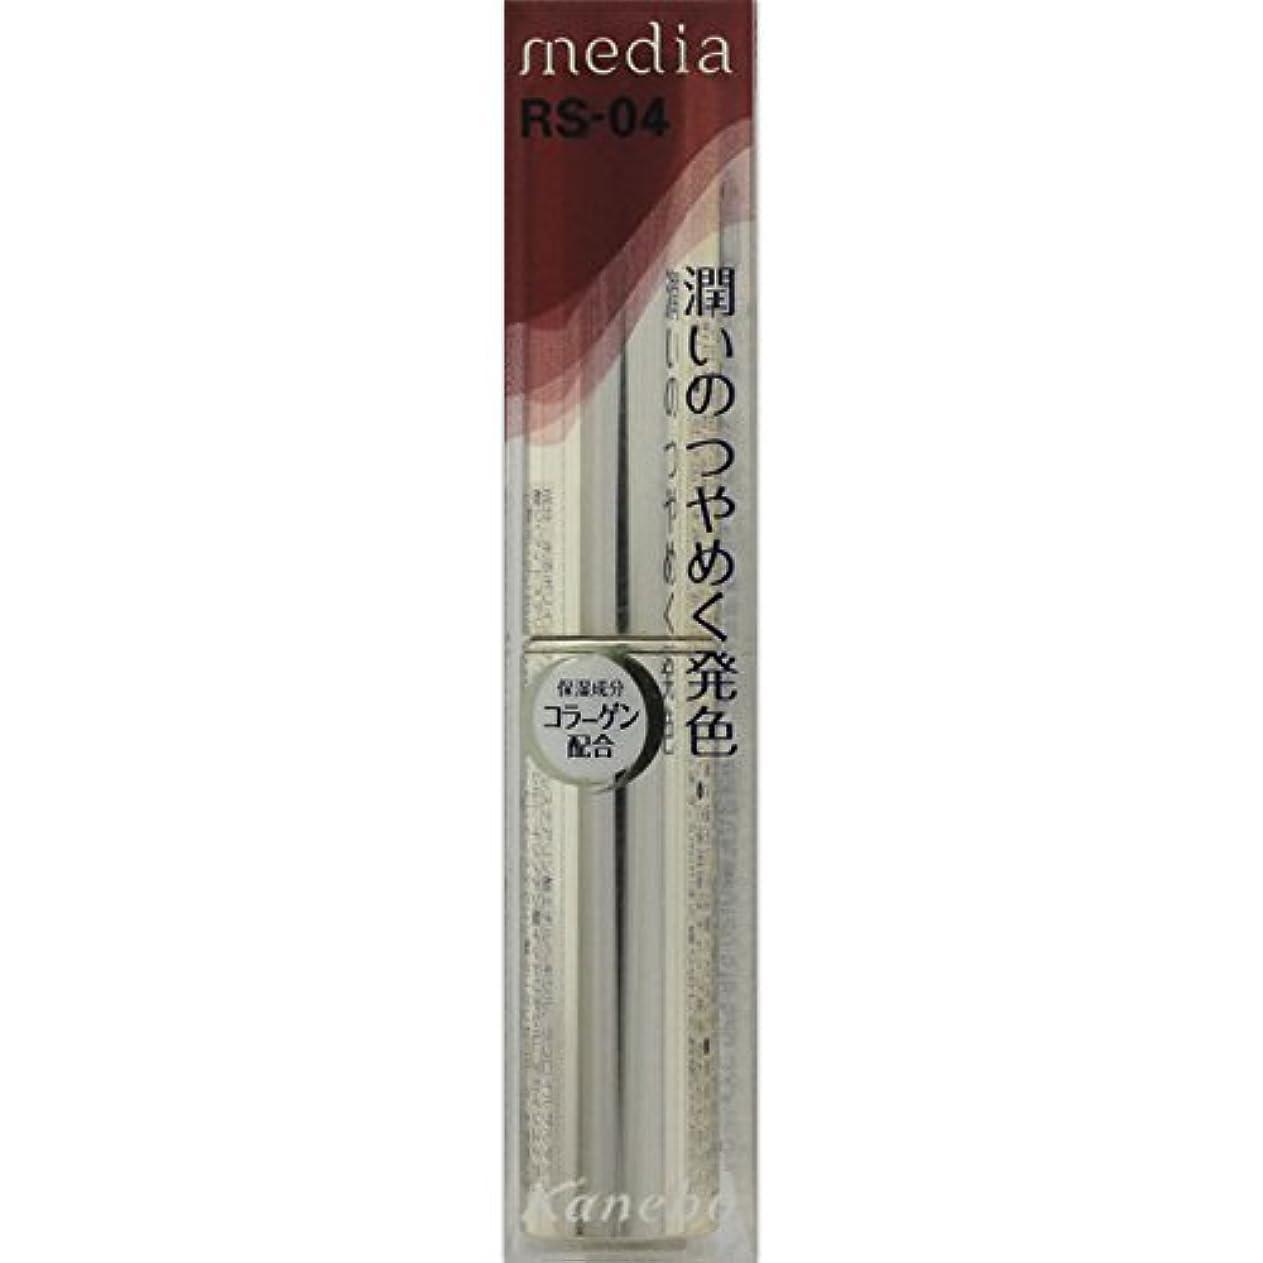 抵当無限寛容なカネボウ メディア(media)シャイニーエッセンスリップA カラー:RS-04